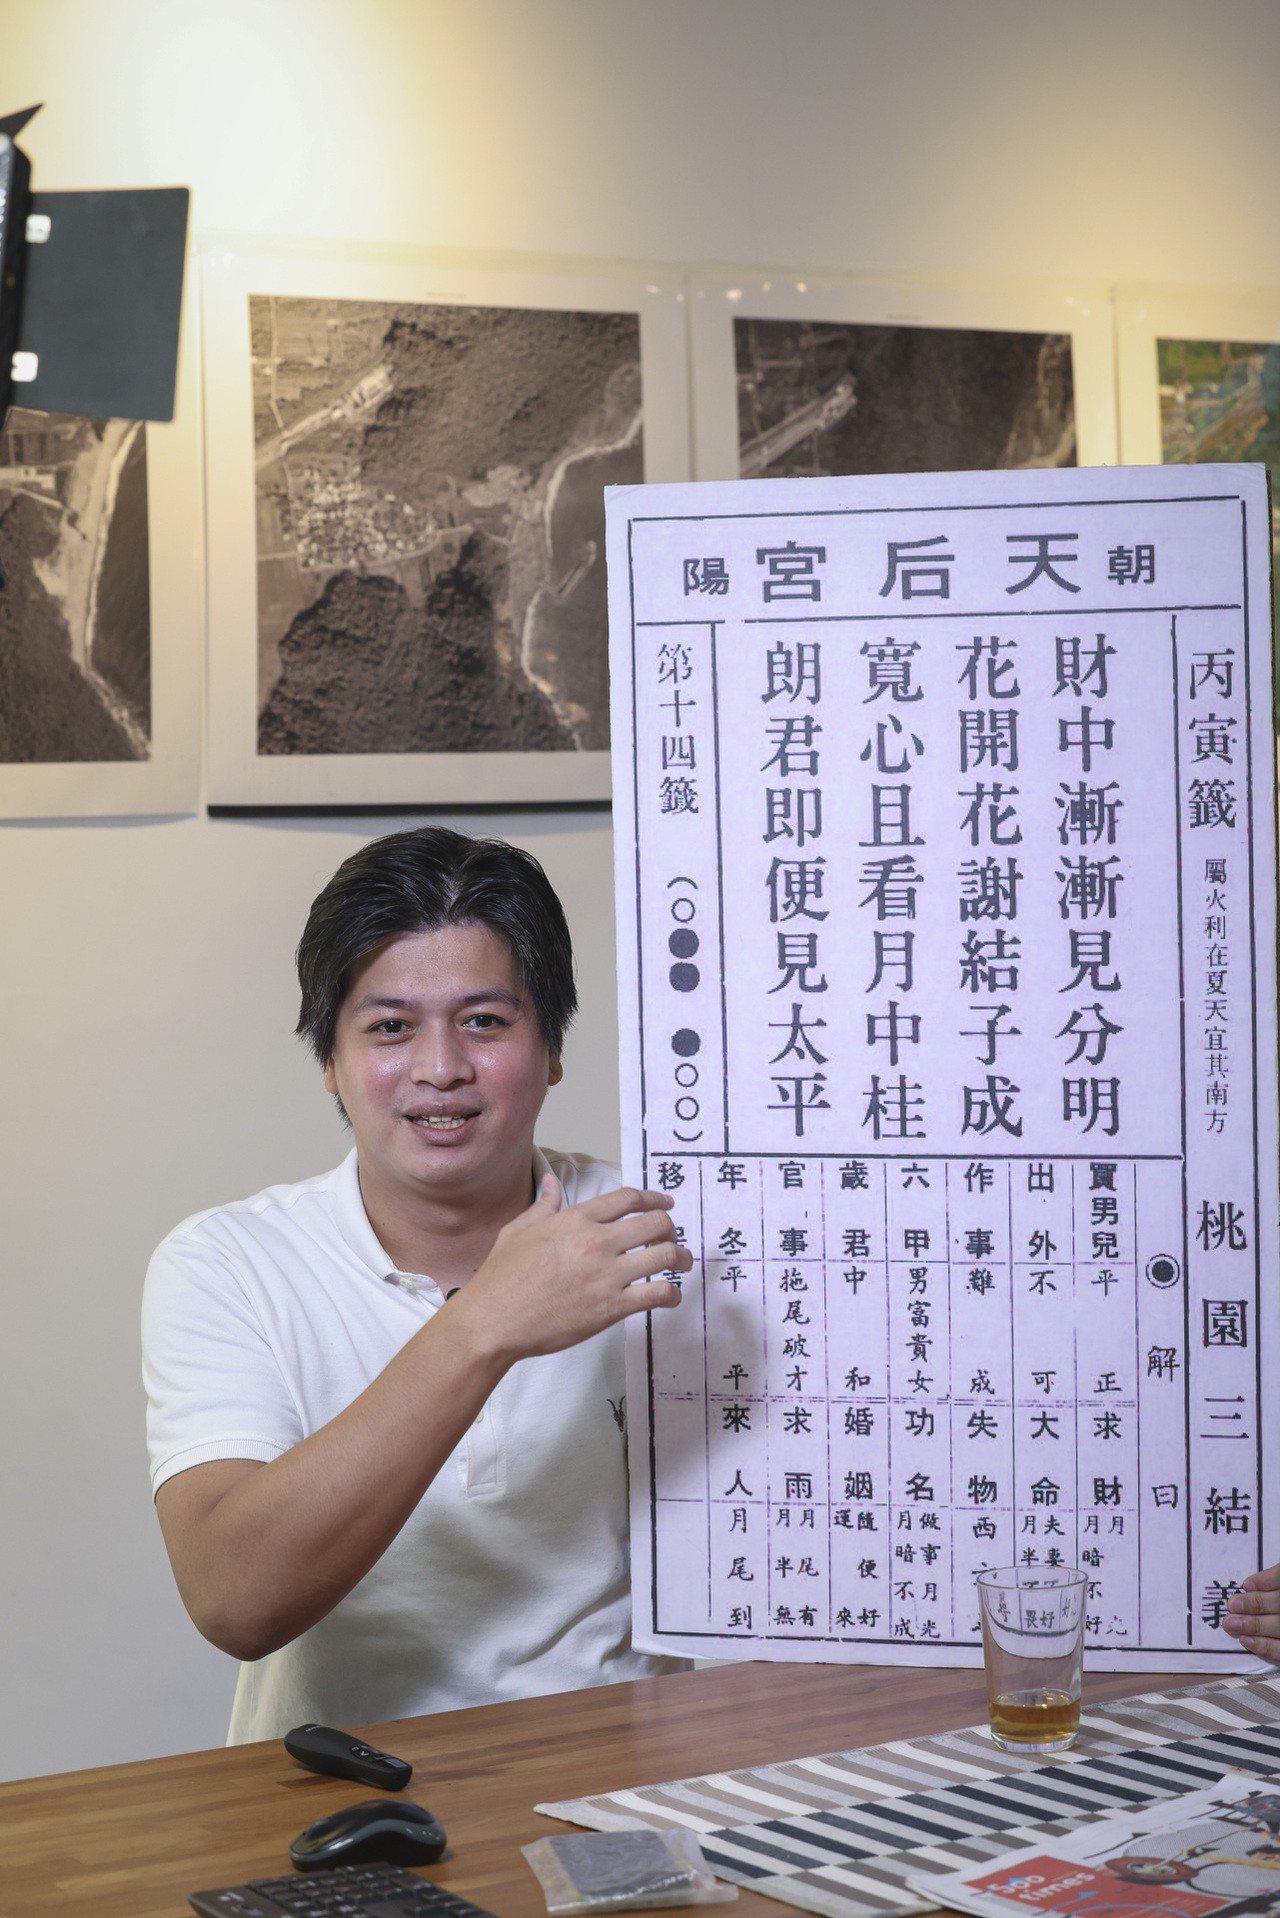 趙文豪笑說當年選址在宜蘭南澳,全因這張籤詩。記者王聰賢/攝影